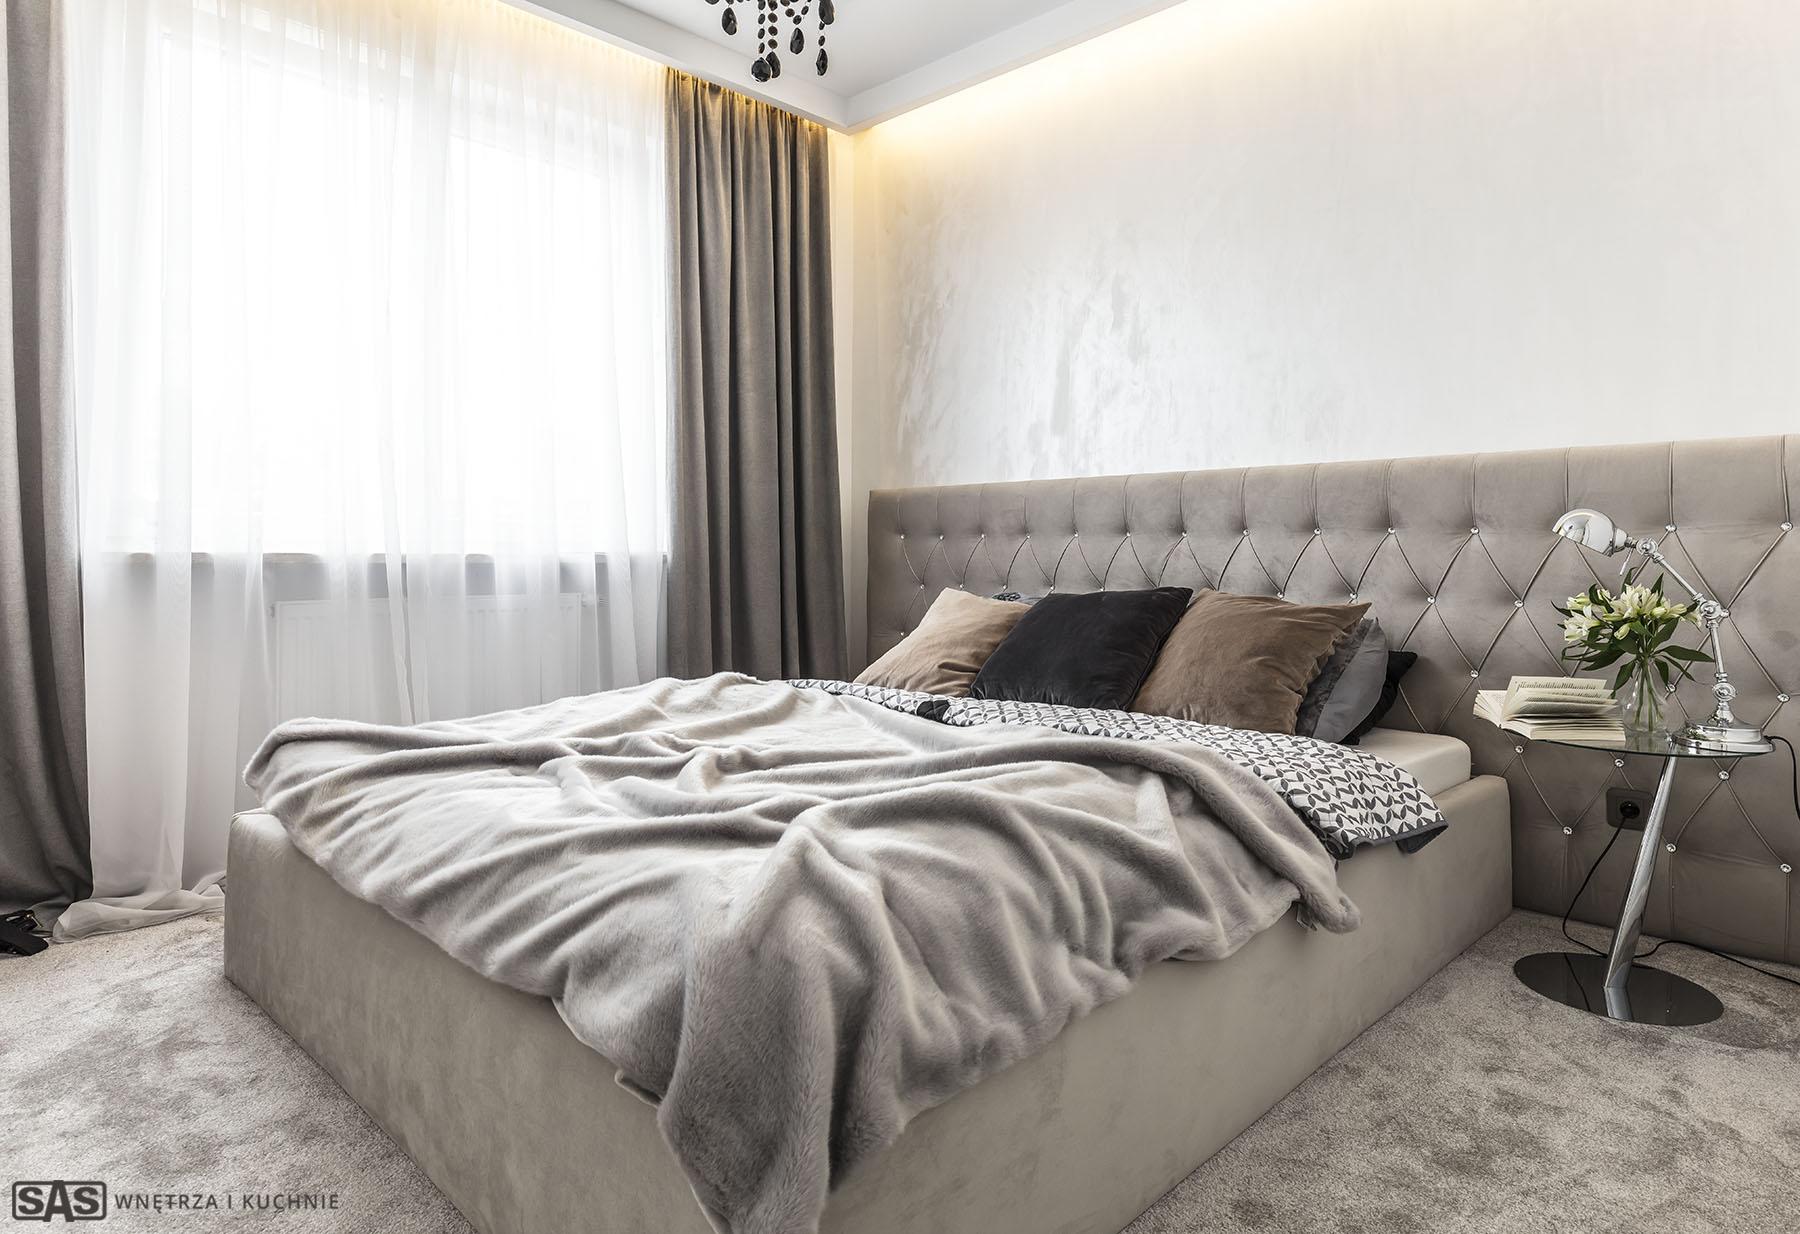 Realizacja SAS Wnętrza i Kuchnie. Projekt architekt wnętrz Emilia Strzempek Plasun. Sypialnia, łoże z zagłówkiem.